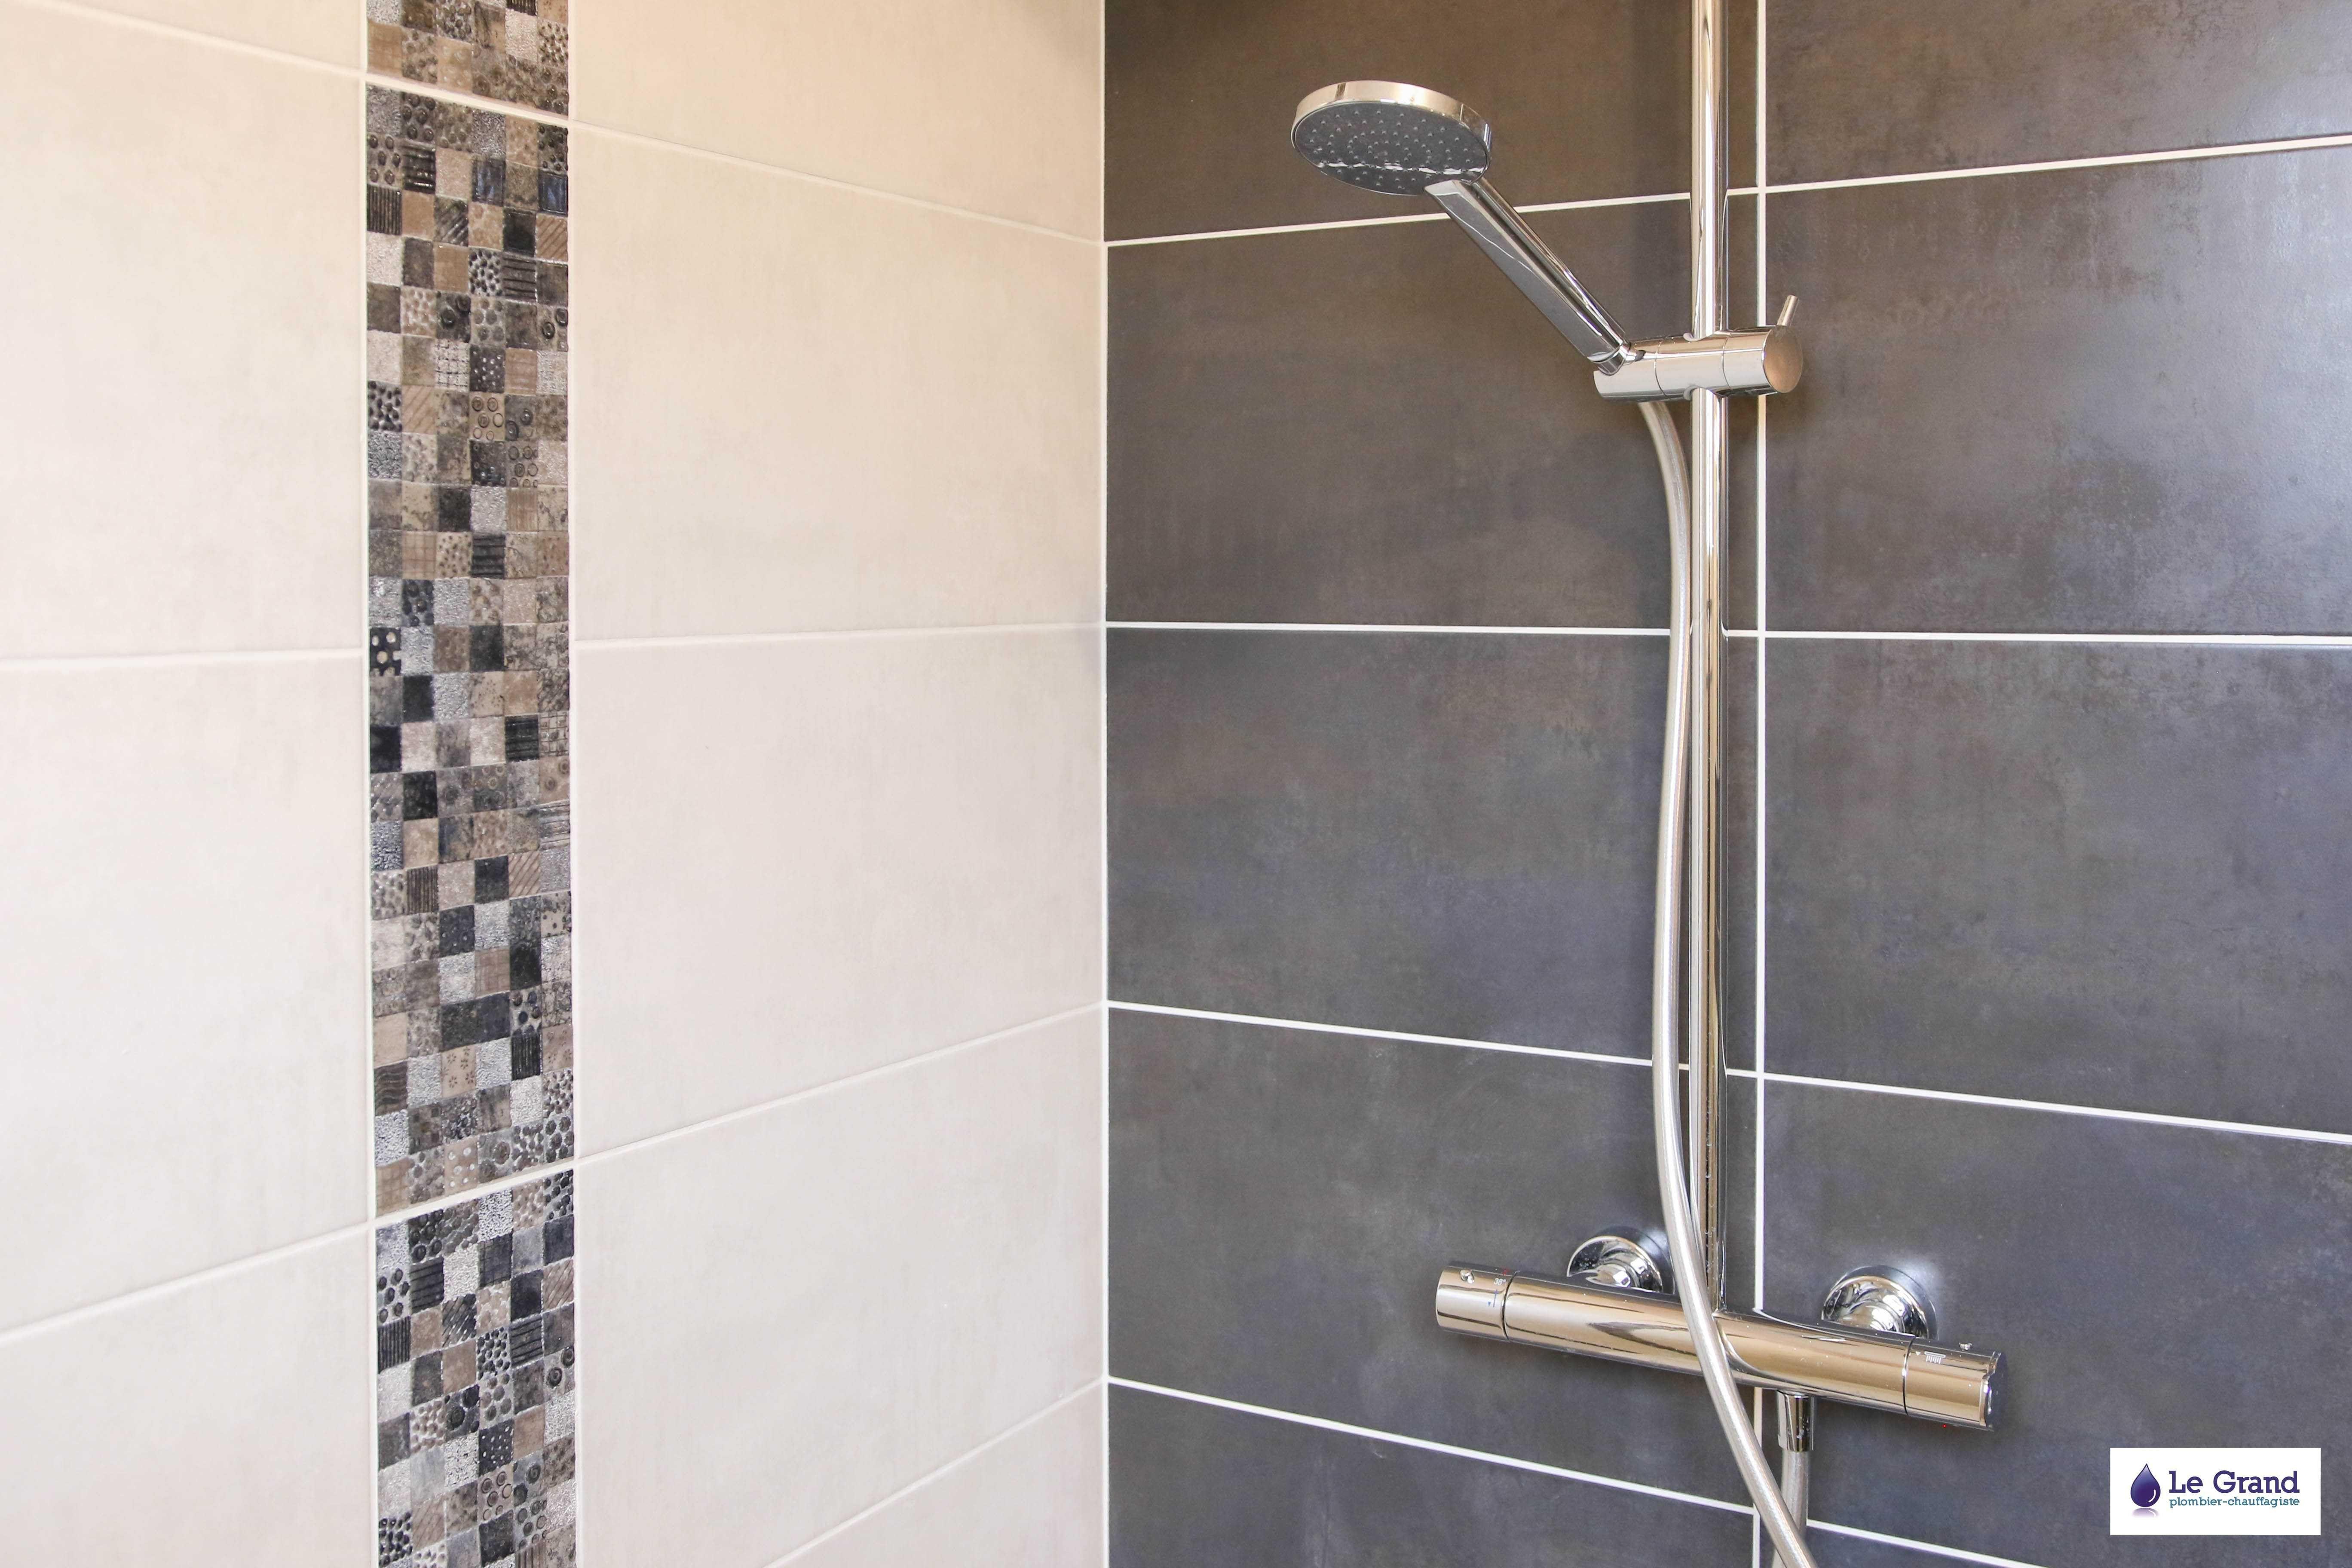 carrelage vestige anthracite avec beautiful carrelage salle de bain gris fonce imag salle de bain grise salle de bains blanche et grise salle de bains sol gris